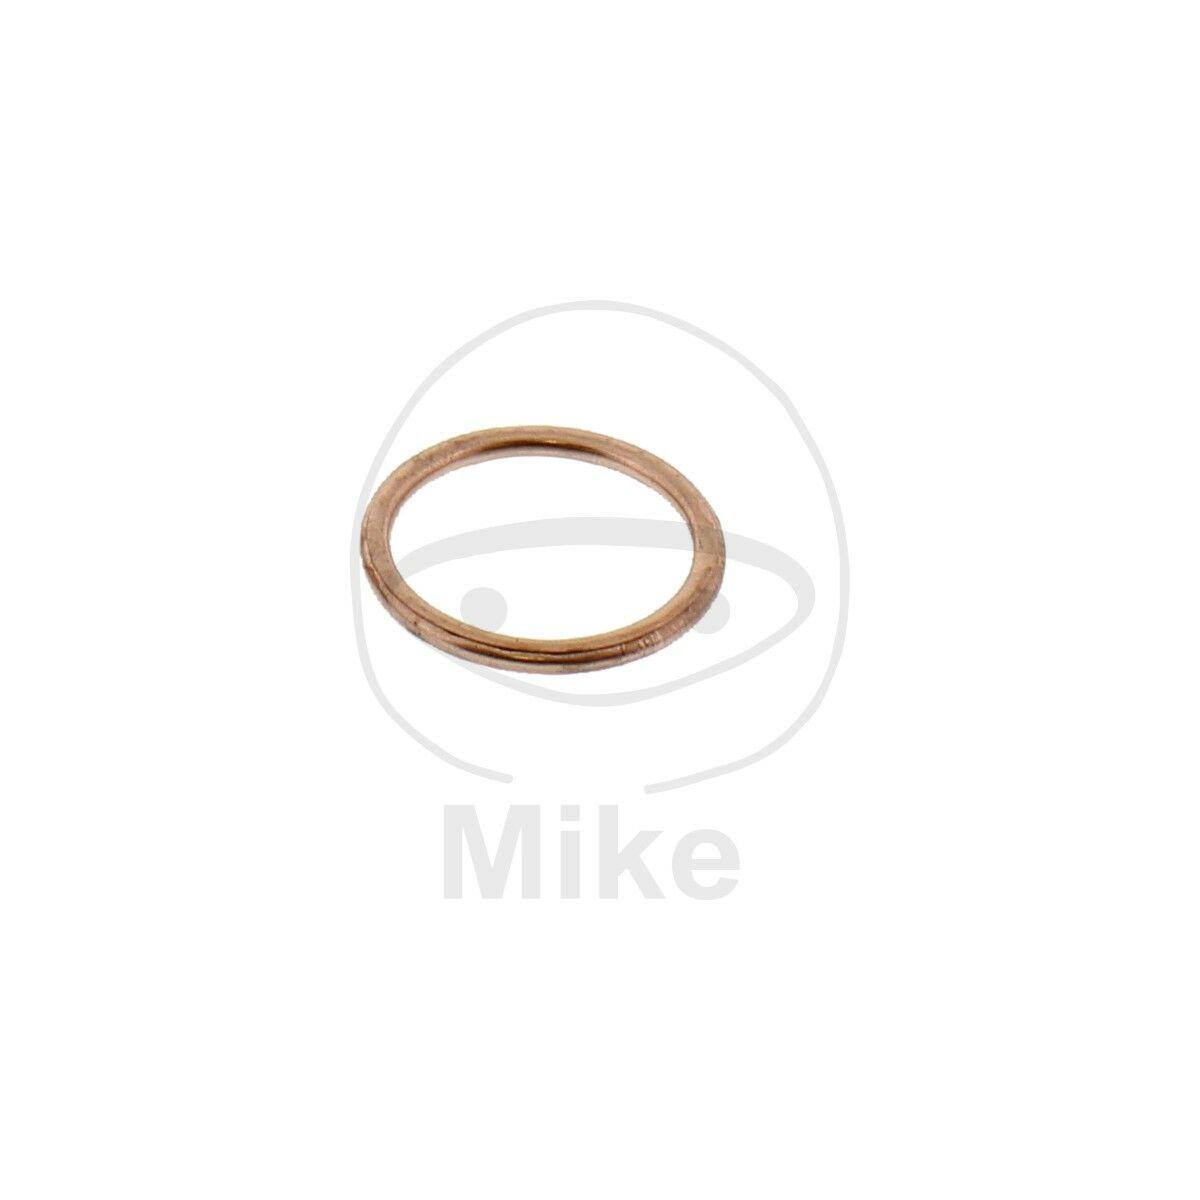 Obrázek produktu Těsnění svodu výfuku ATHENA 31.4X39.1X3 mm